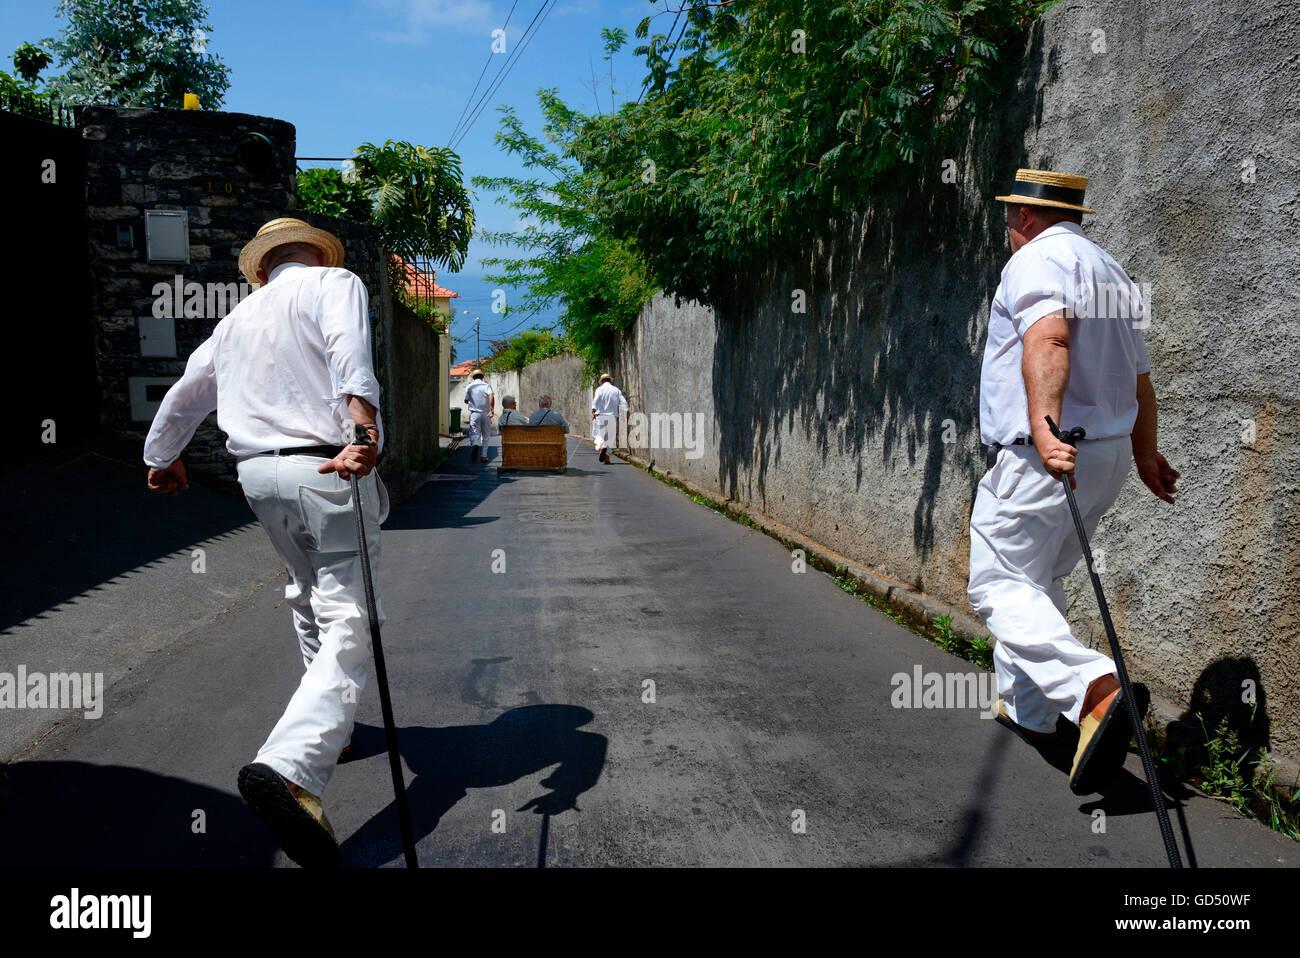 Fahrt mit dem Korbschlitten, Maenner ziehen und stossen Korbschlitten, Monte, Funchal, Madeira, Portugal, Europa - Stock Image